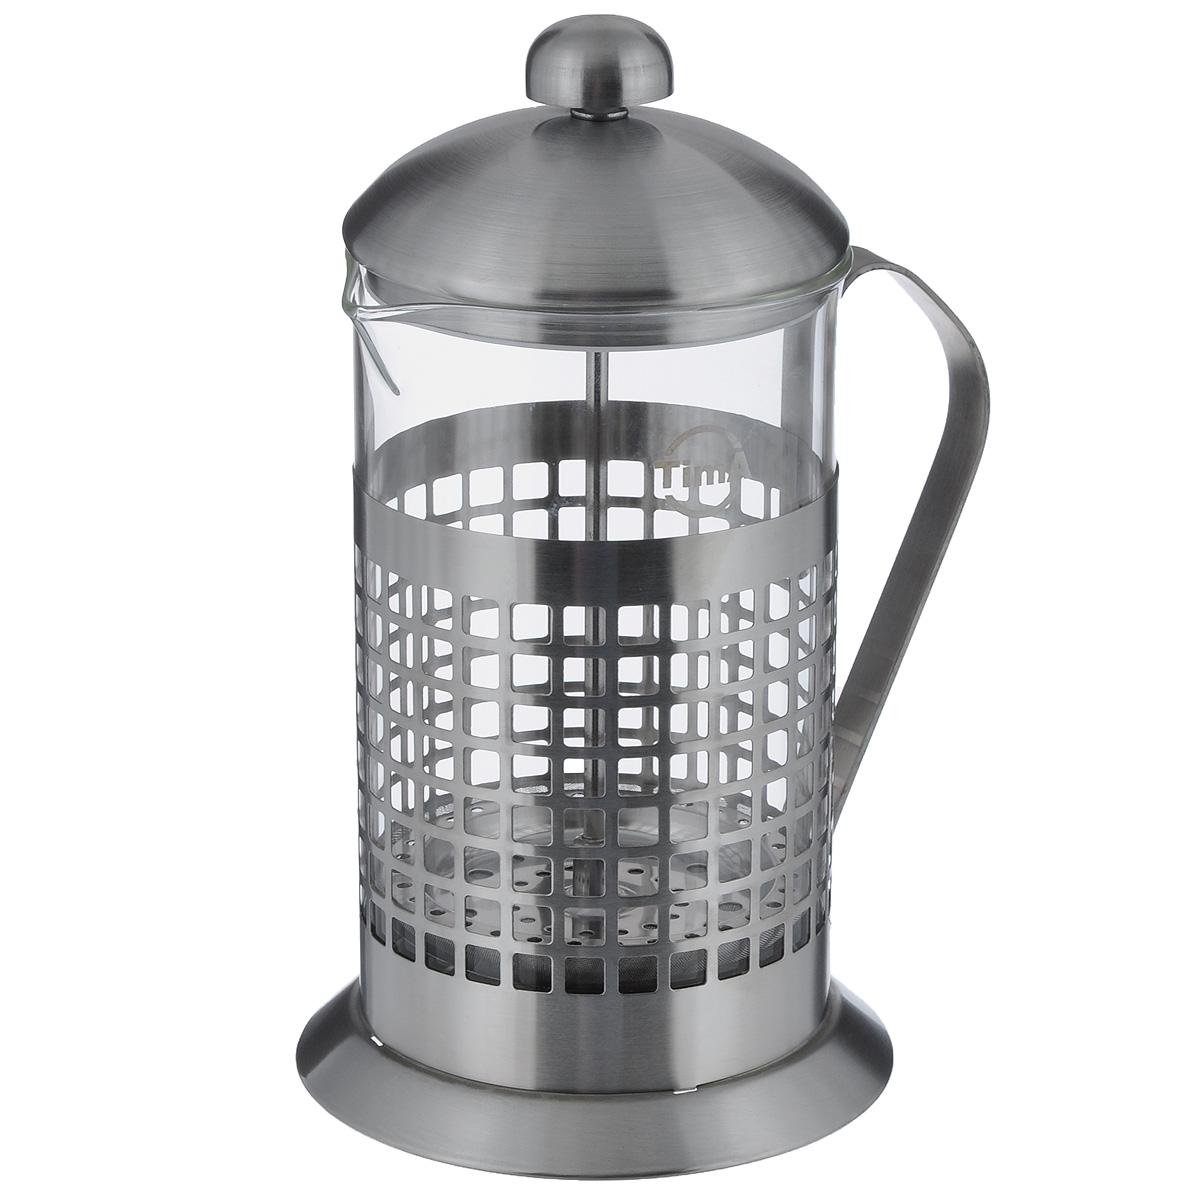 Чайник заварочный TimA Бисквит, 800 млPB-800Чайник заварочный TimA Бисквит выполнен в виде френч-пресса и представляет собой гибрид заварочного чайника и кофейника. Колба выполнена из жаропрочного стекла, корпус, крышка и поршень изготовлены из нержавеющей стали. Изделие легко разбирается и моется. Прозрачные стенки чайника дают возможность наблюдать за насыщением напитка, а поршень позволяет с легкостью отжать самый сок от заварки и получить напиток с насыщенным вкусом. Заварочный чайник - постоянно используемый предмет посуды, который необходим на каждой кухне. Френч-пресс TimA Бисквит займет достойное место среди аксессуаров на вашей кухне. Можно мыть в посудомоечной машине. Диаметр (по верхнему краю): 10 см. Высота чайника (с крышкой): 22 см. Объем: 800 мл.